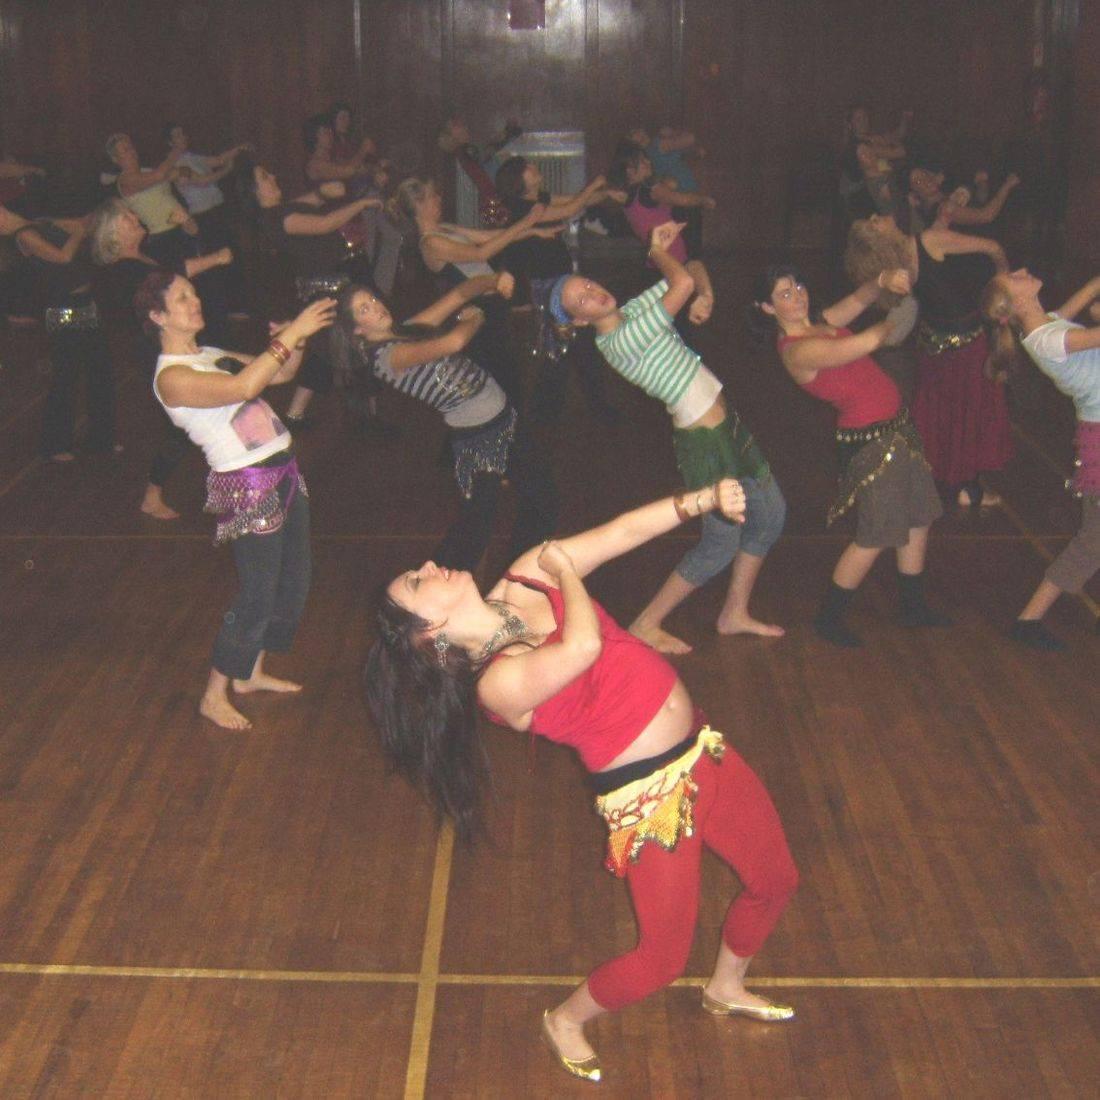 Earthmoves creative dance tuition energy joyful